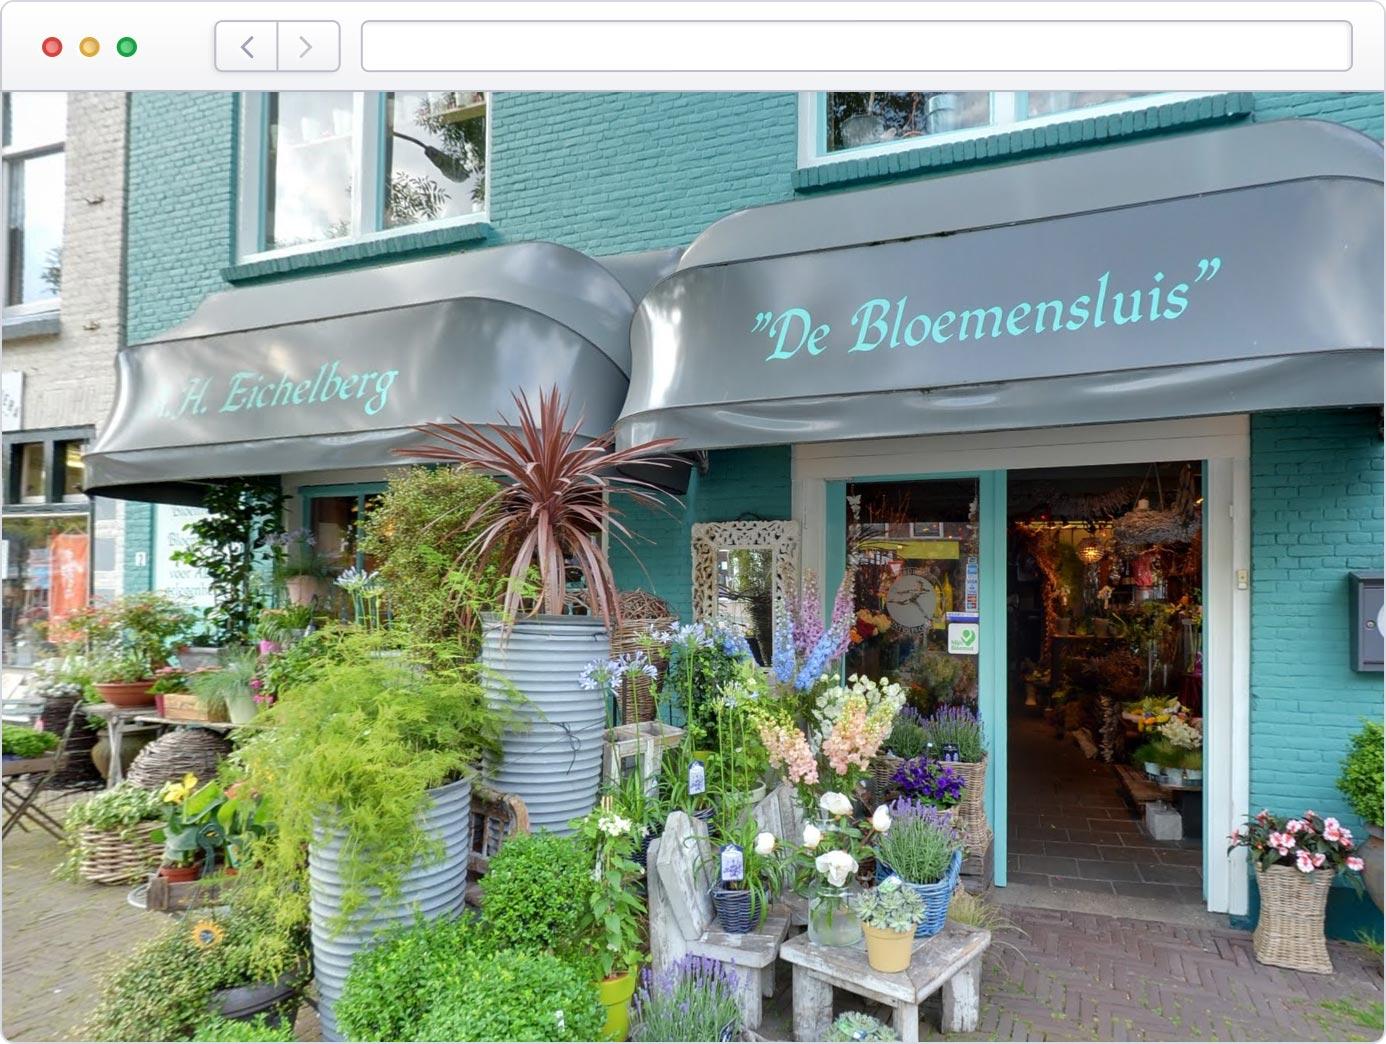 Uw bedrijf mooi in beeld op Google Street View